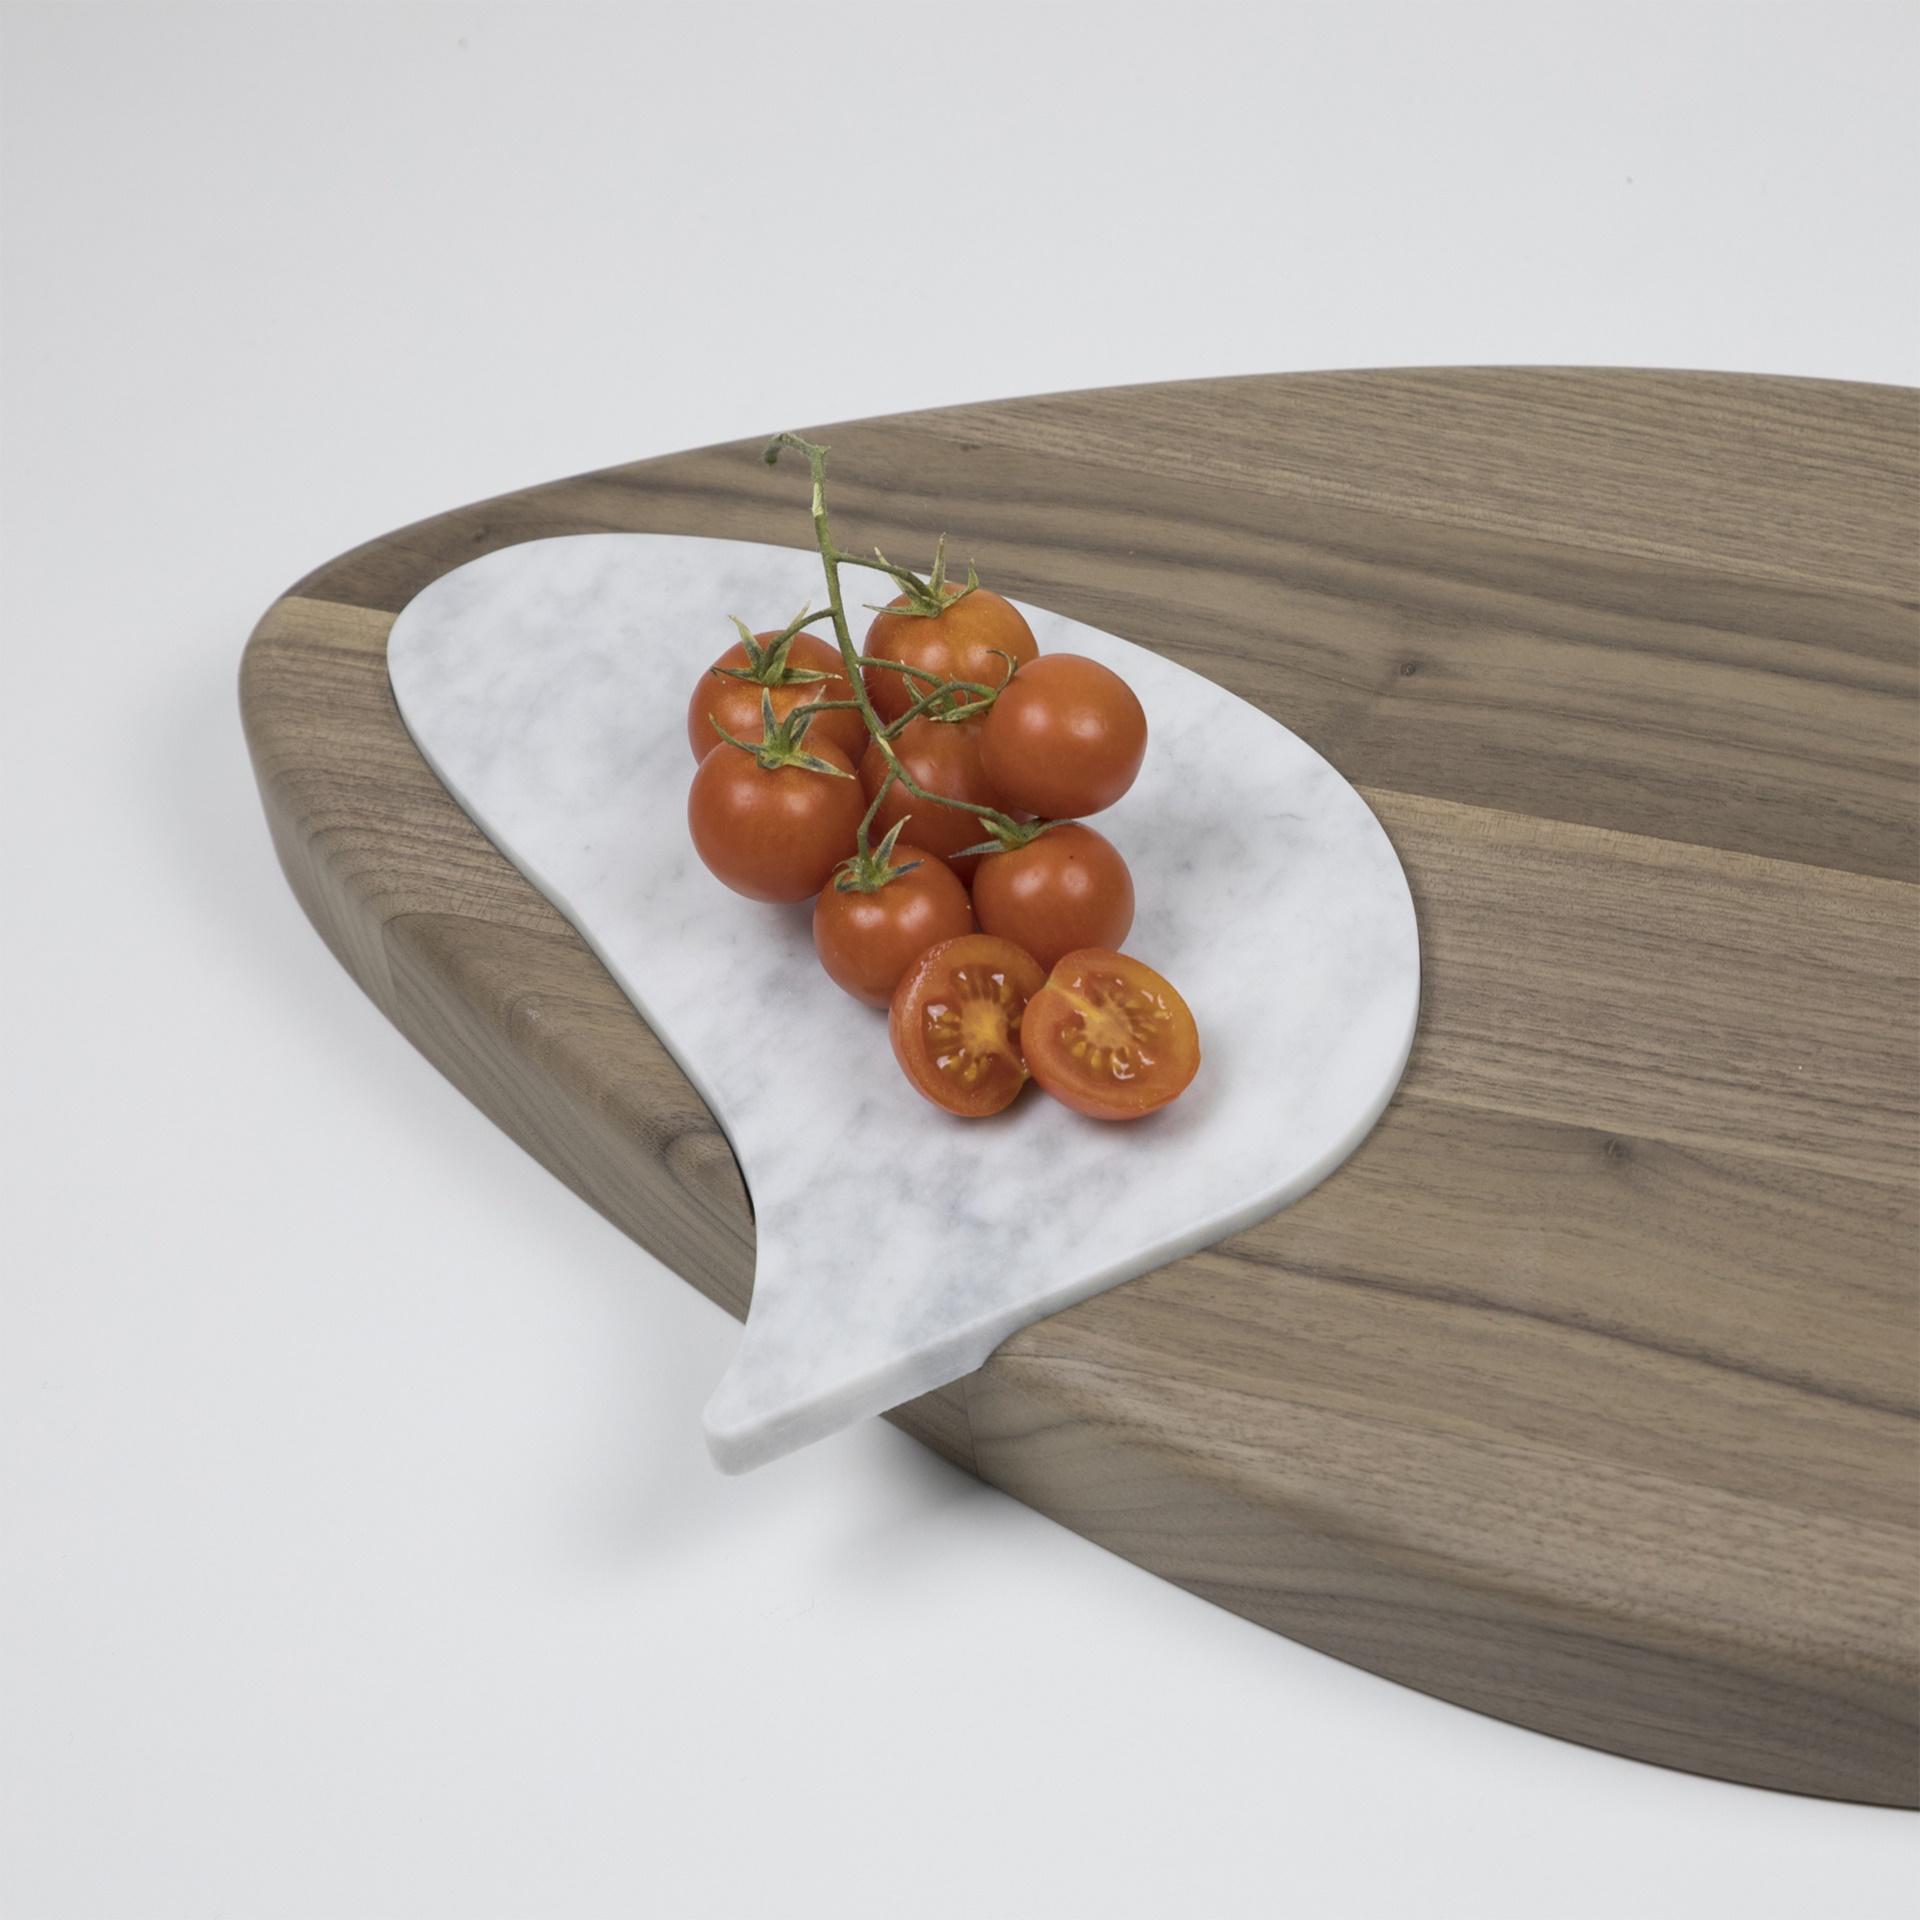 Finitura Legno Per Alimenti tagliere di pregio in legno massello di noce canaletto naturale con inserto  in marmo bianco carrara. argo_n